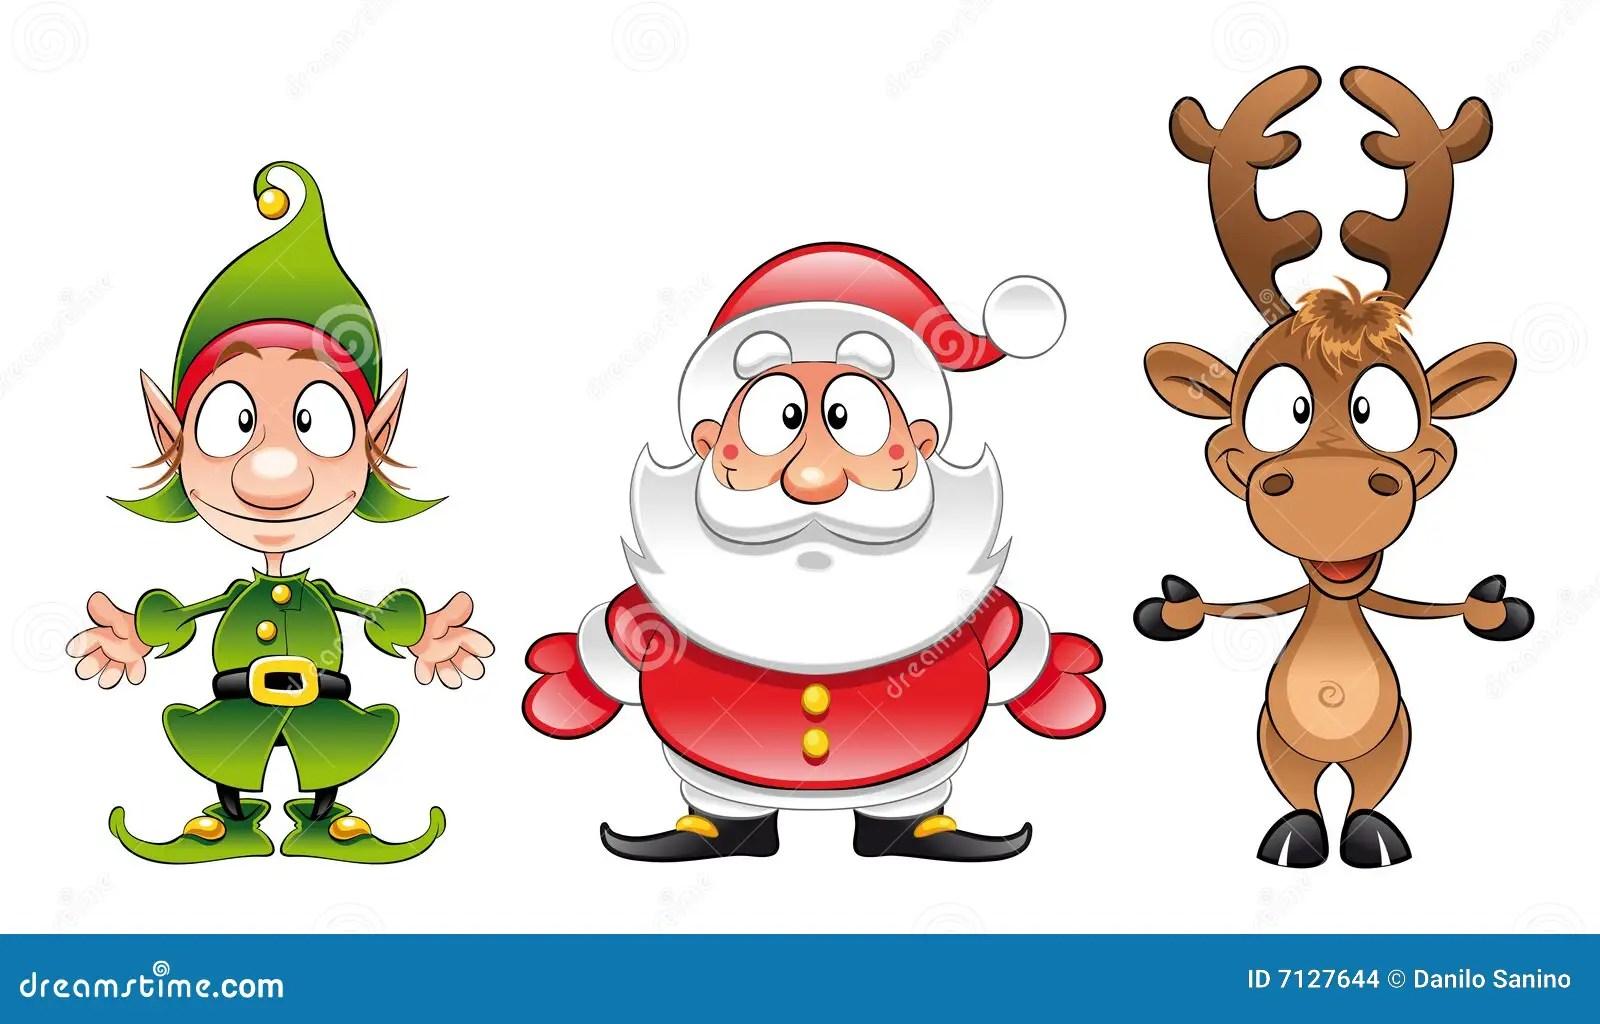 Il Babbo Natale Elfo Rudolph Illustrazione Vettoriale